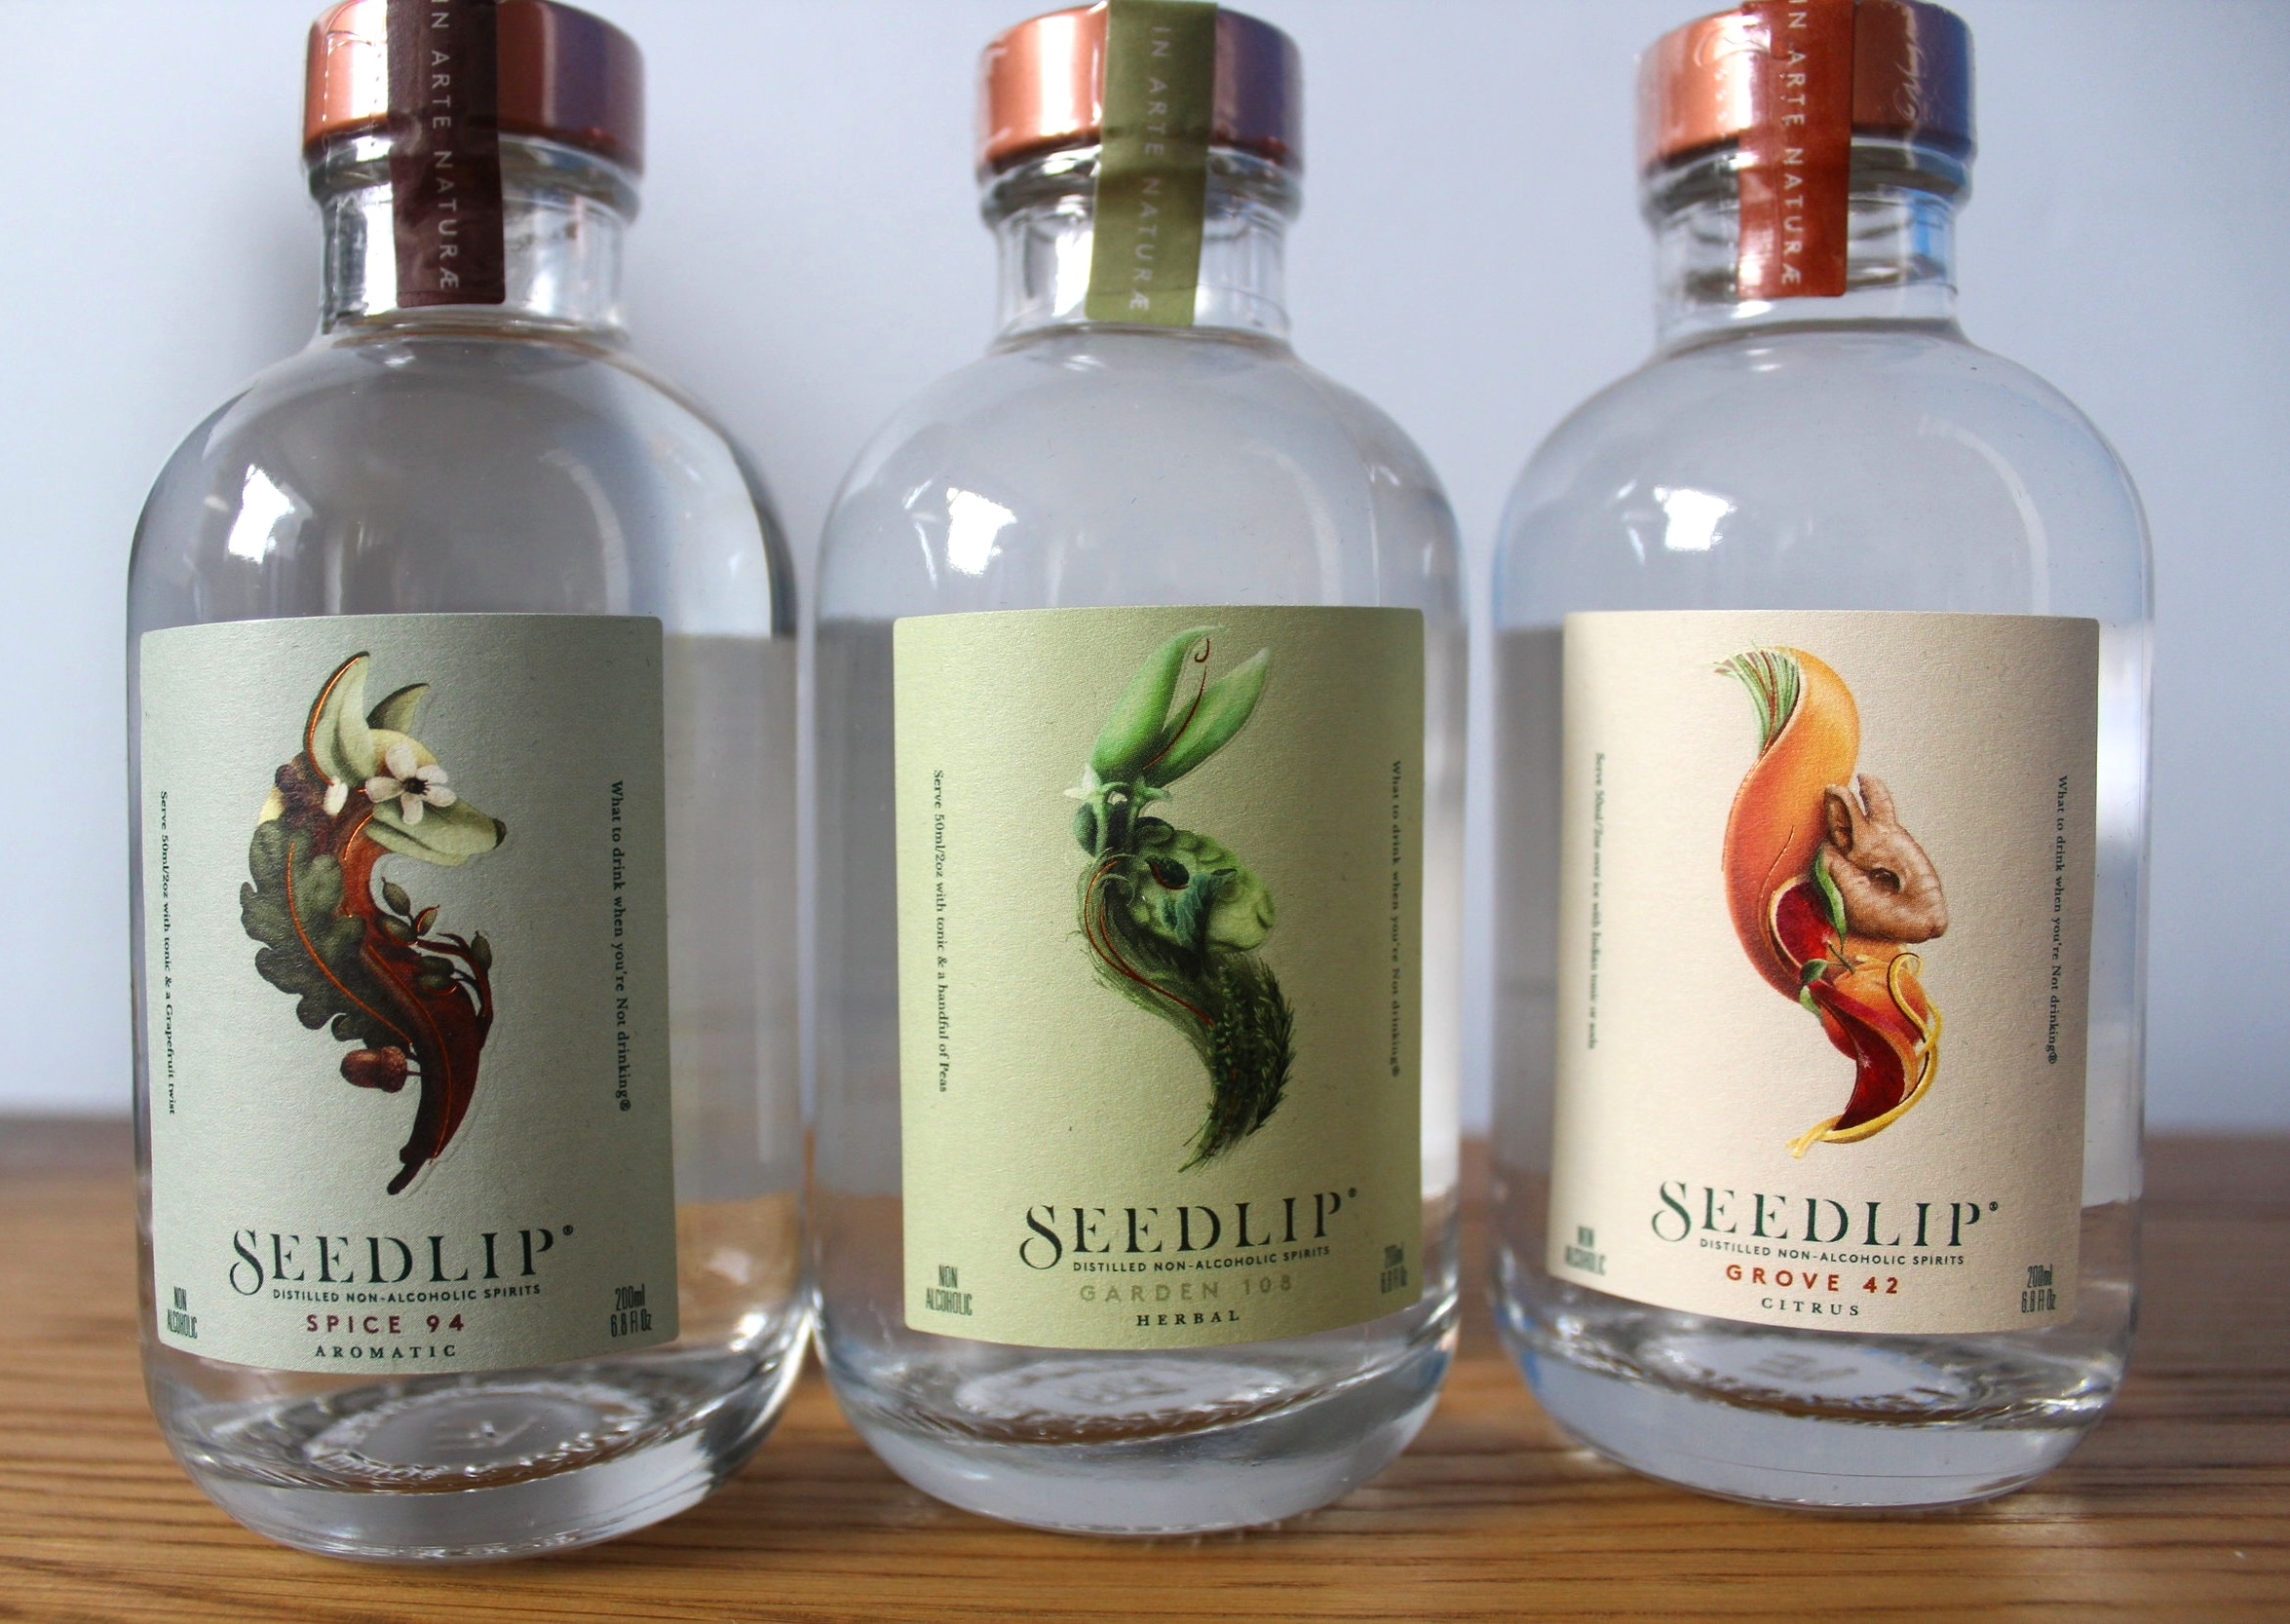 Seedlip Garden Spice Grove spirit drink